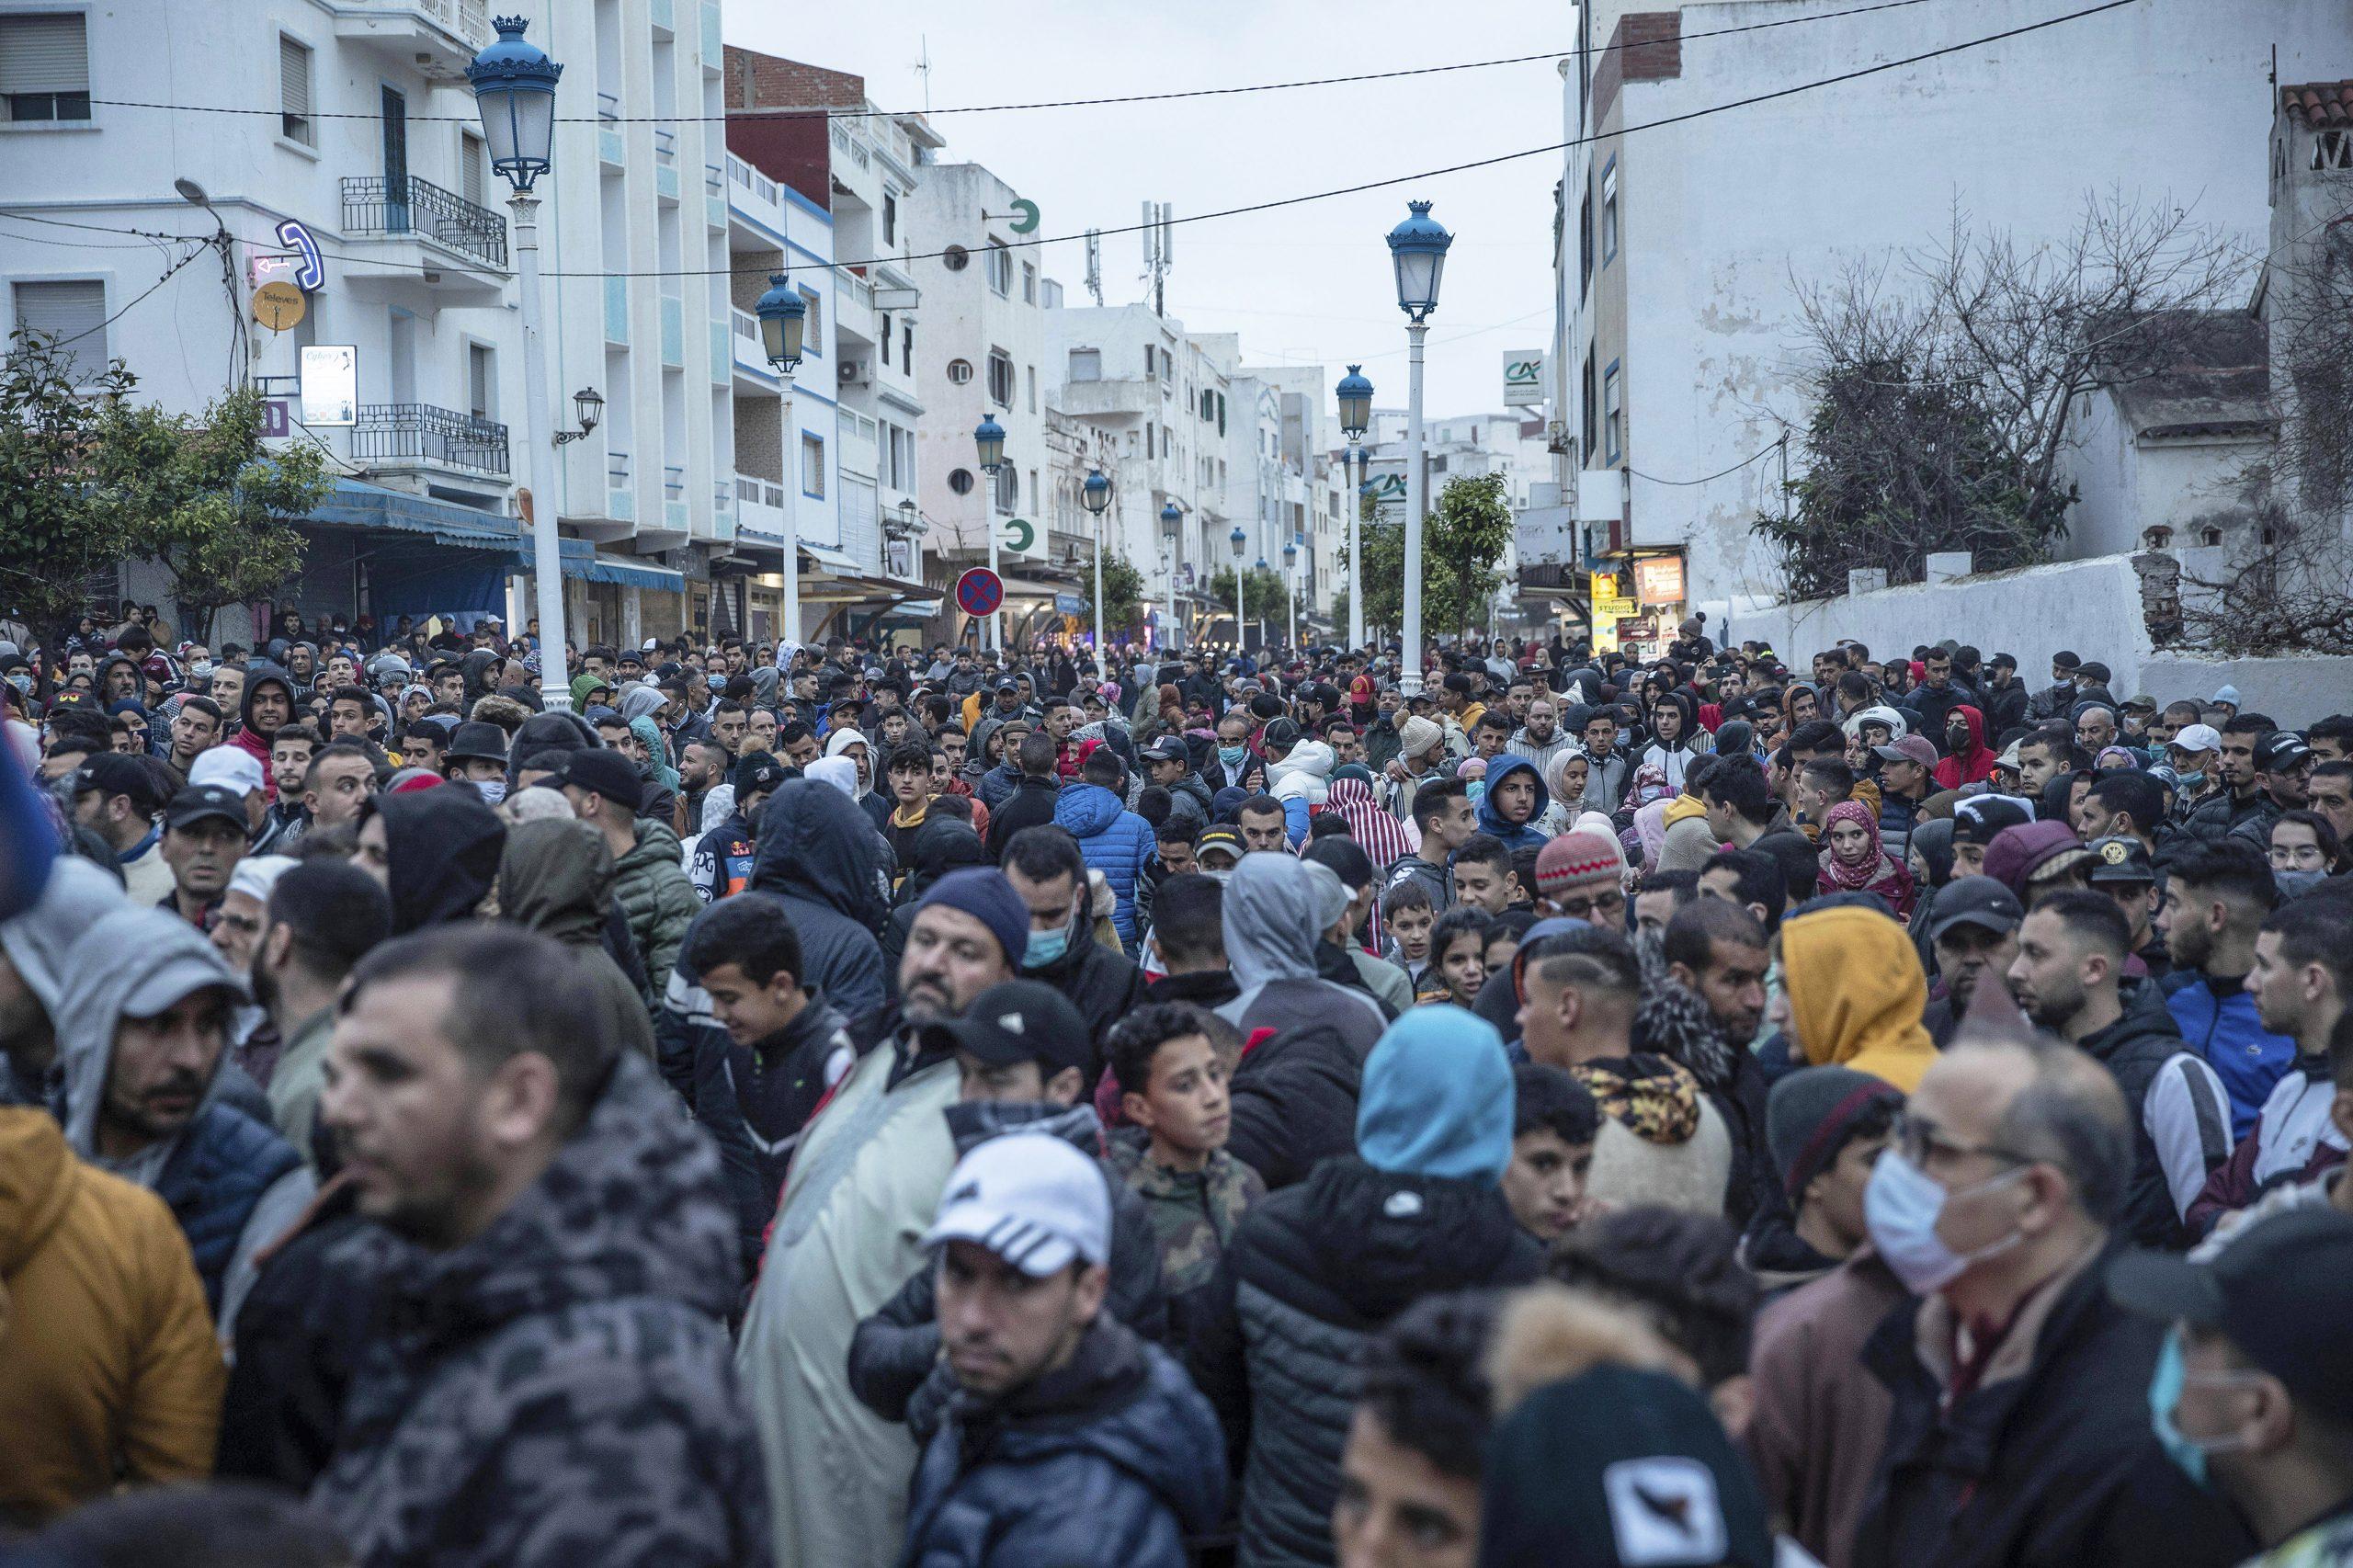 Manifestions contre la situation économique et la fermeture des frontières avec l'enclave espagnole de Ceuta, dans la ville de Fnideq, dans le nord du Maroc, vendredi 26 février 2021.